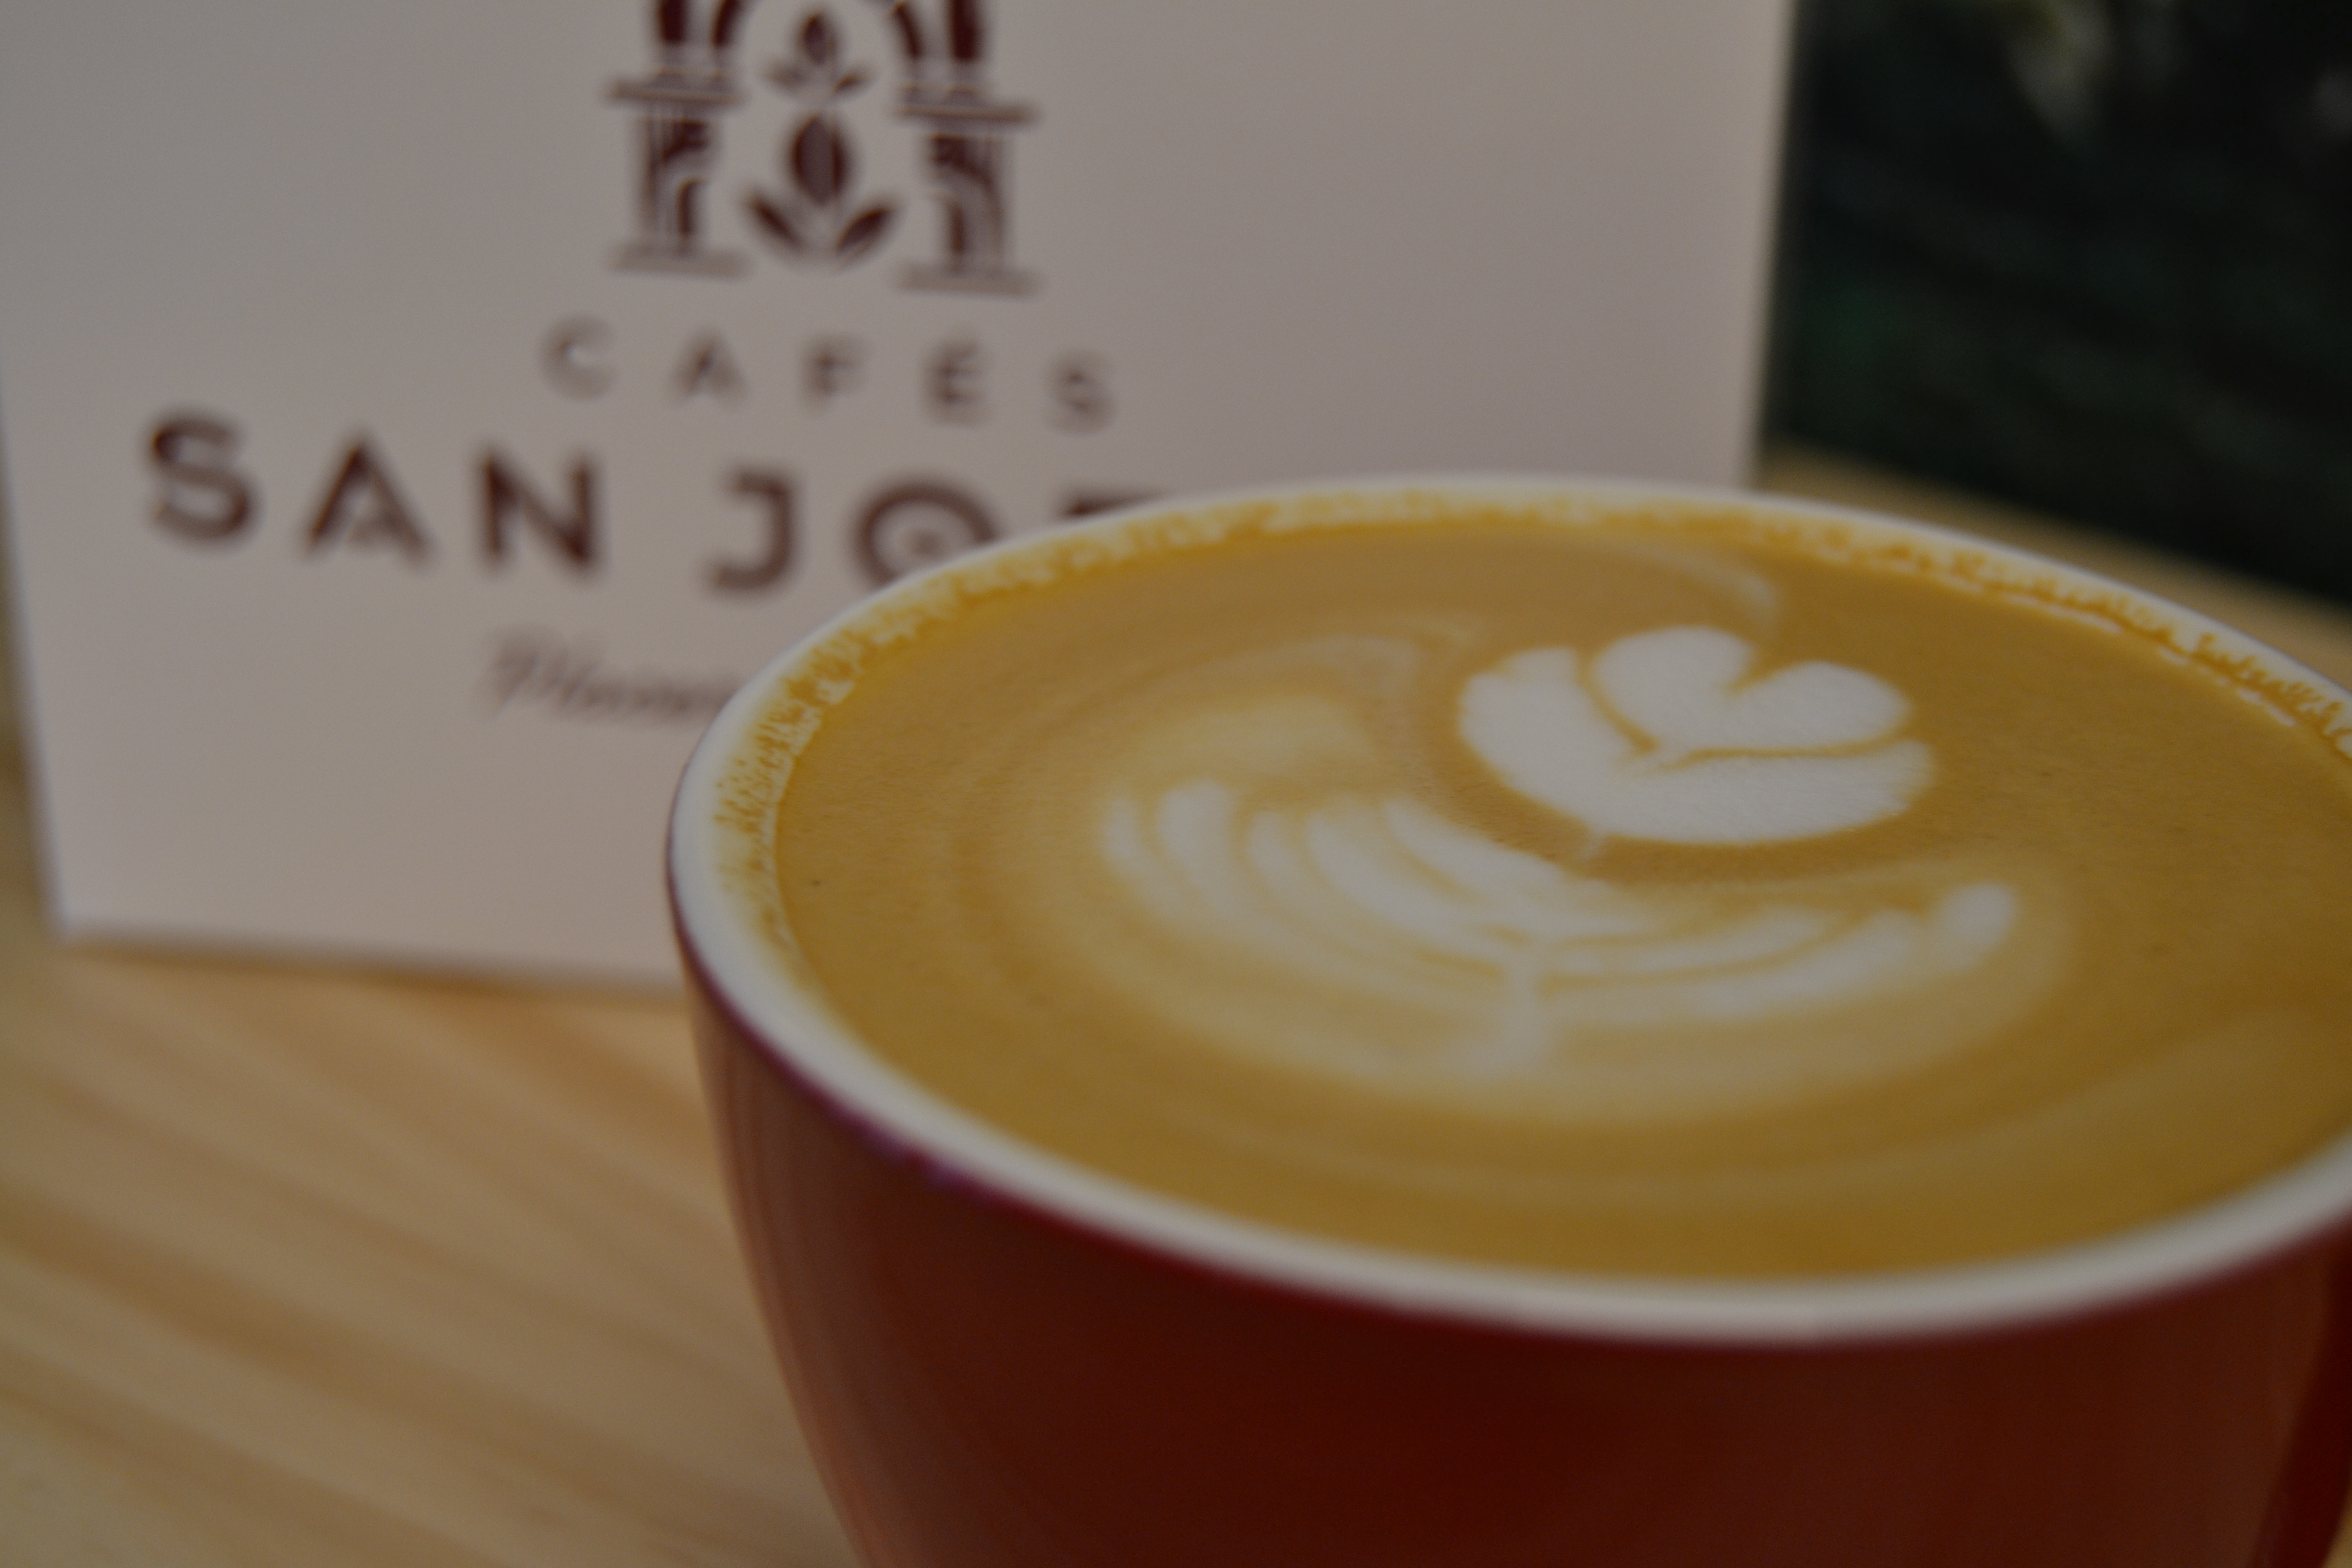 Cafés San Jorge, un microtostador artesano que expande la cultura cafetera